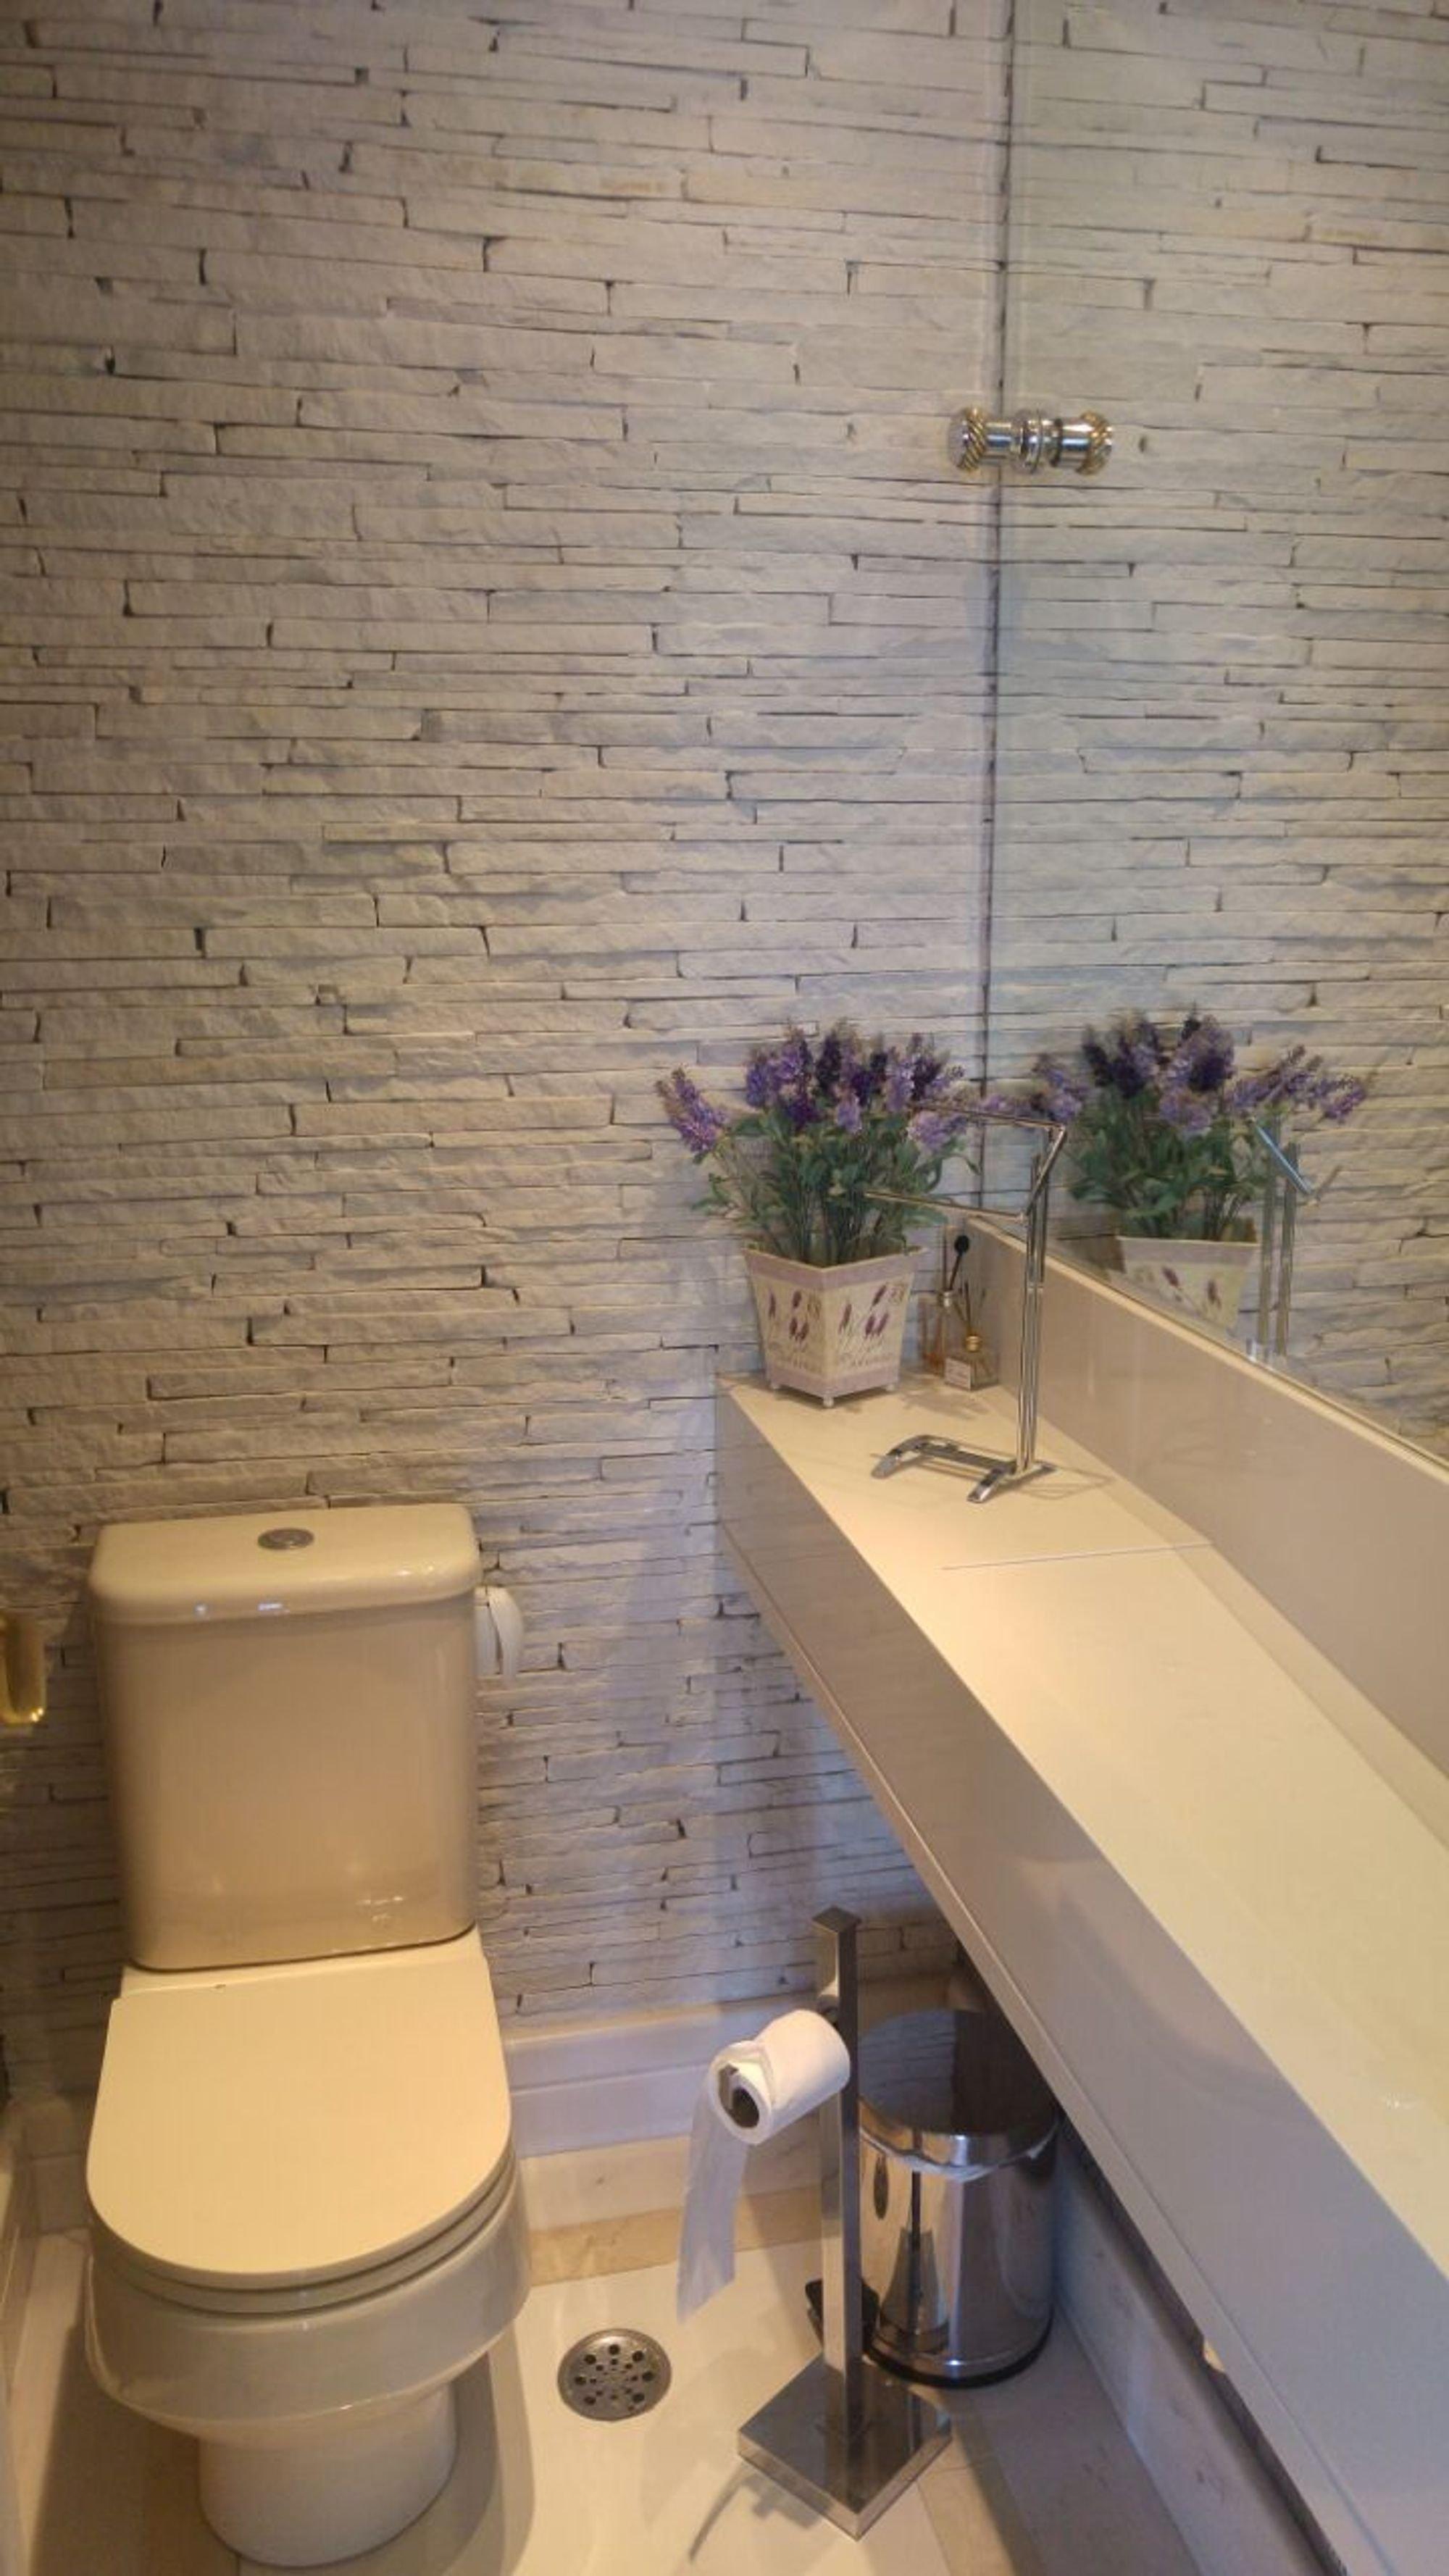 Nesta foto há vaso de planta, vaso sanitário